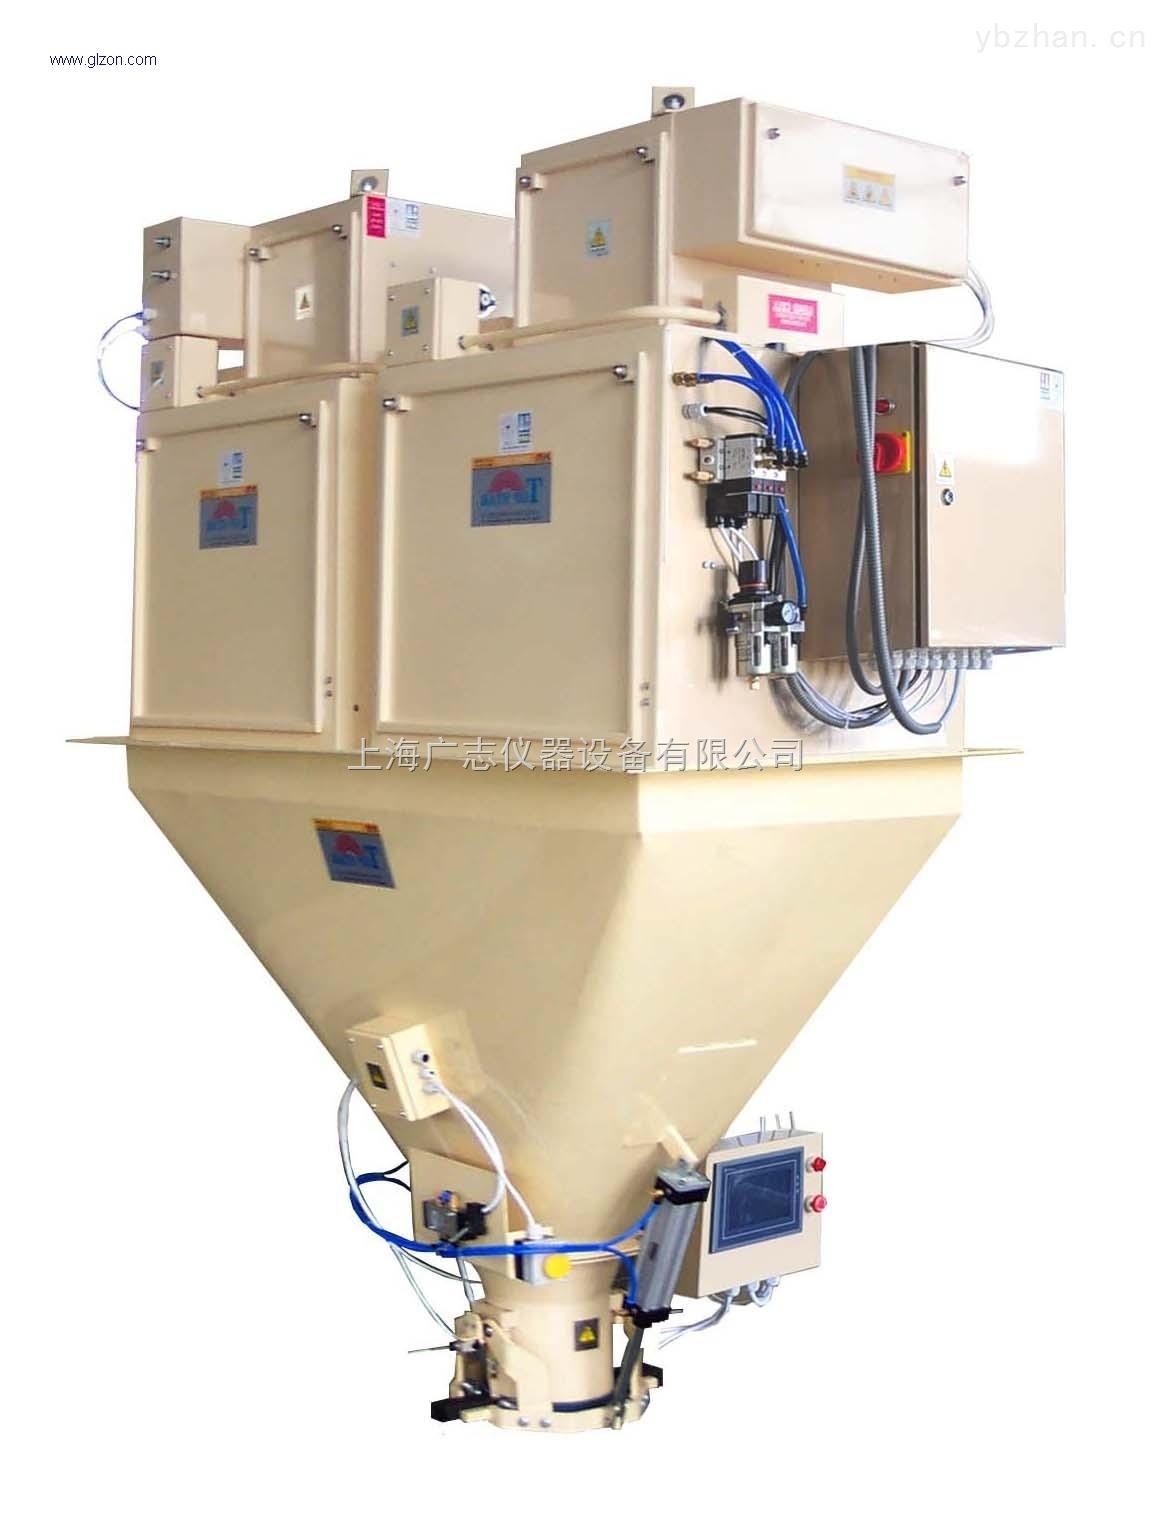 供应2DCS-50GN型重力喂料定量包装双秤厂家直销